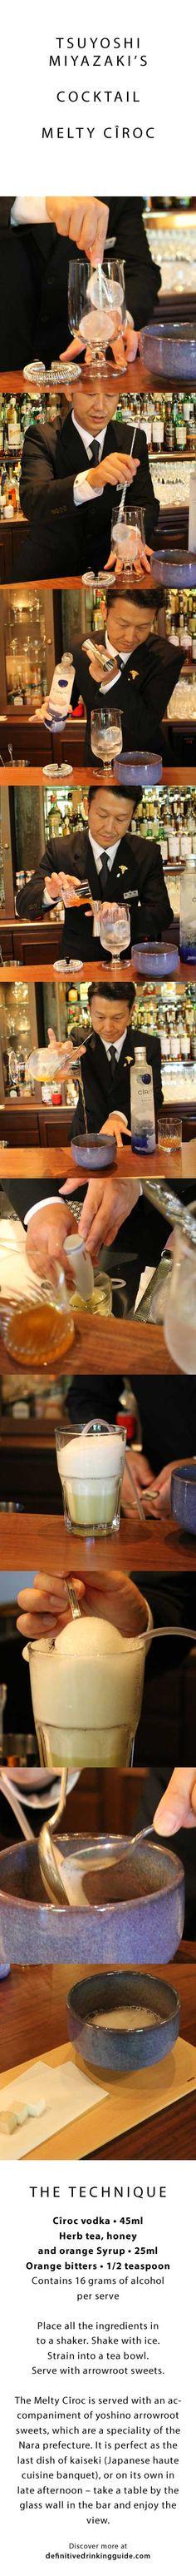 Tsuyoshi Miyazaki´s Cocktail Melty Cîroc Please drink responsibly www.DRINKIQ.com